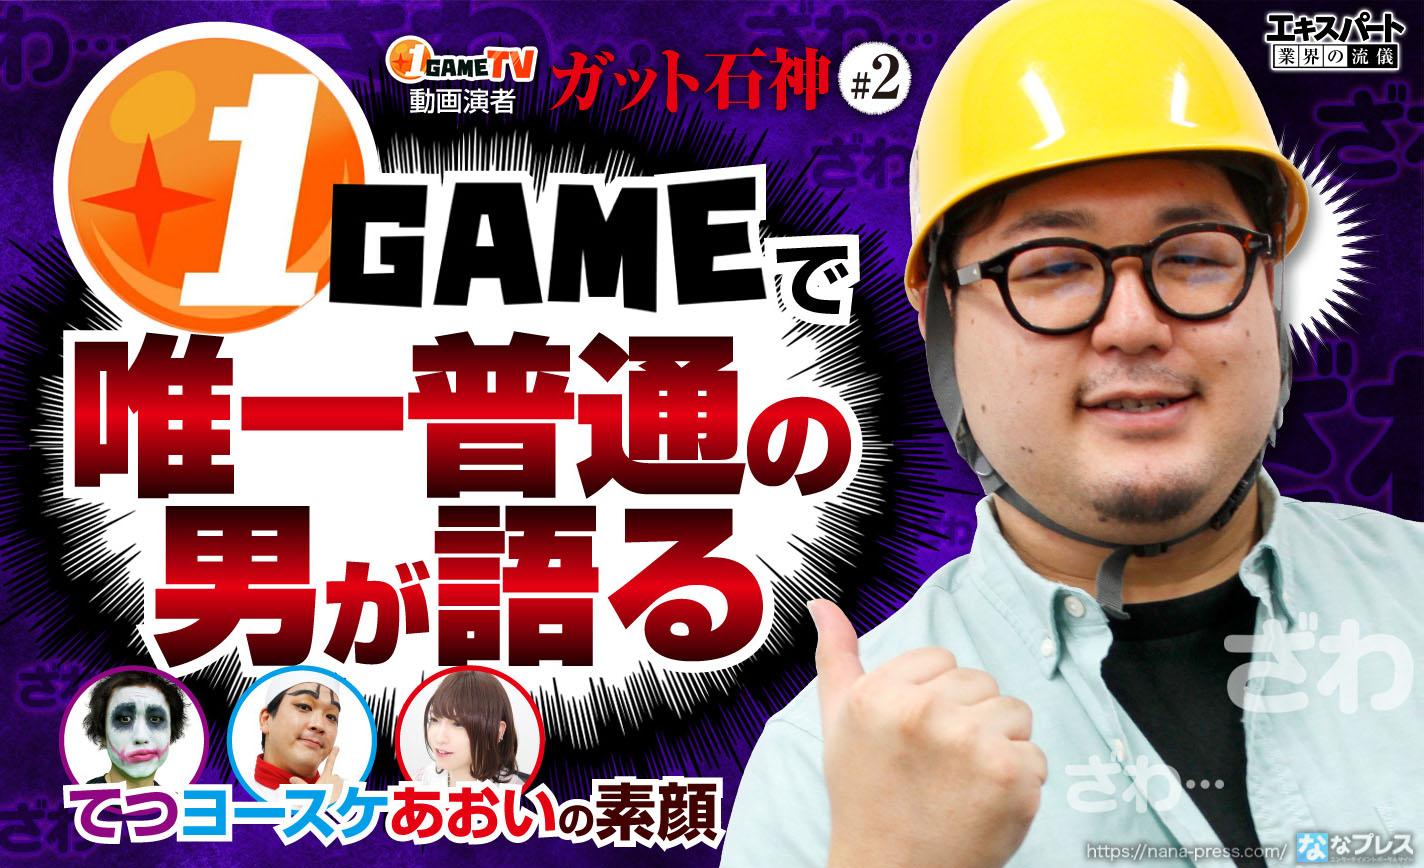 ガット石神こと「1GAMEで唯一普通の男」が語るてつ、ヨースケ、あおいの素顔とは!? eyecatch-image